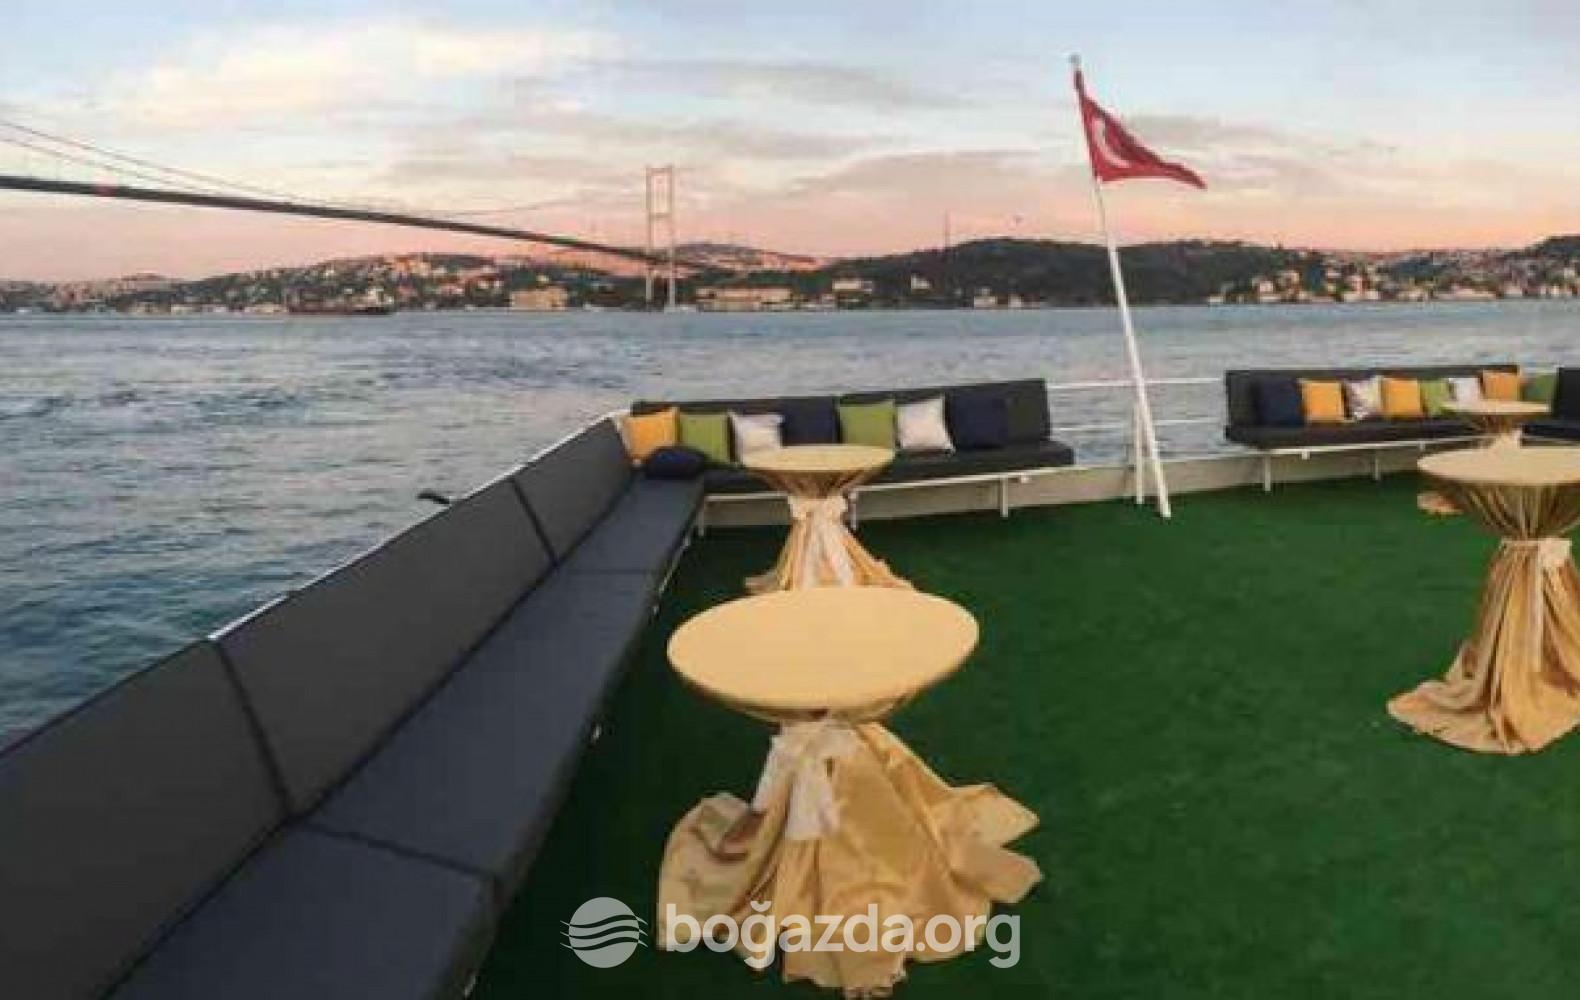 Balıklı 2 Tur Gezi Teknesi